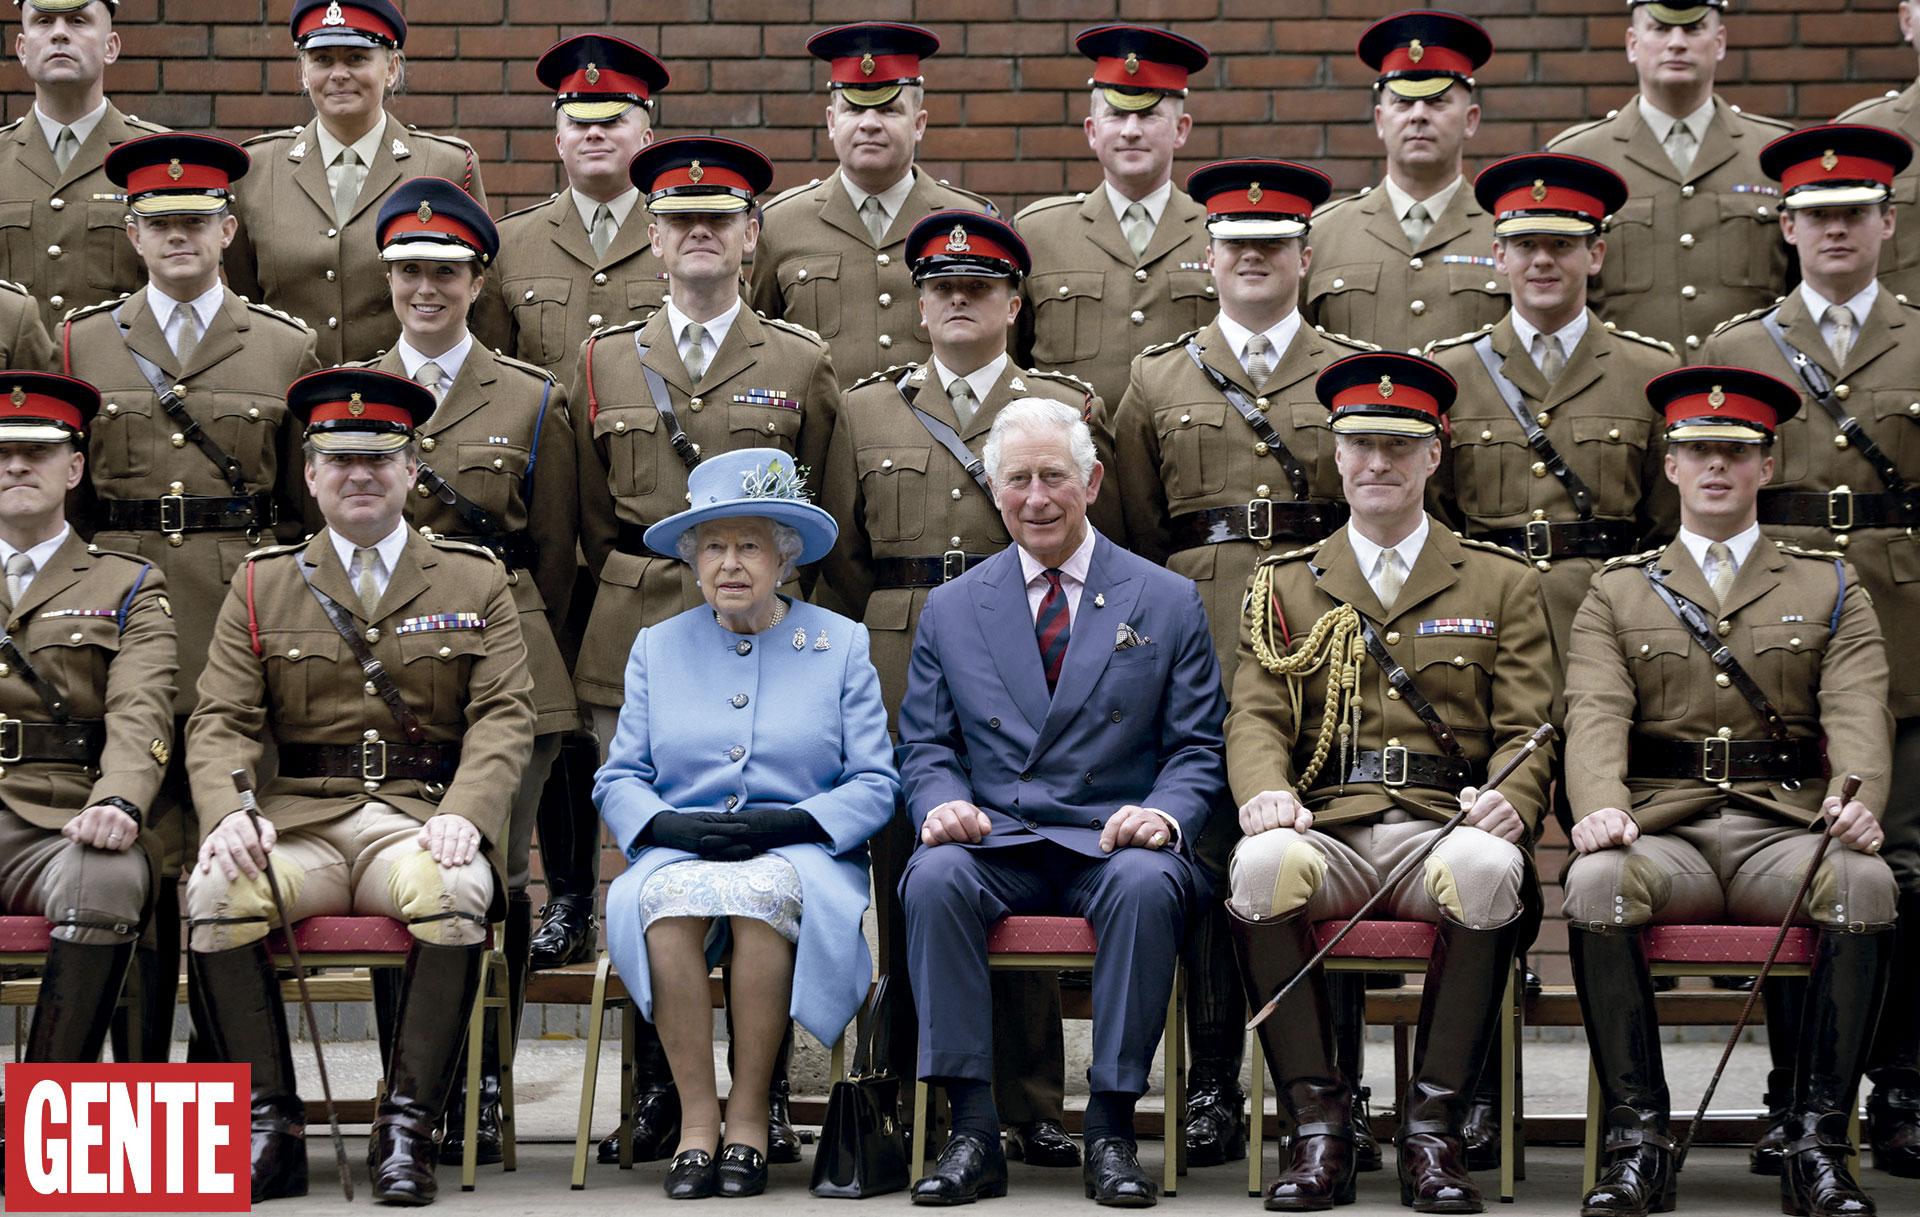 Con su hijo, el príncipe Carlos, heredero deltrono, y los oficiales de esa unidad militar. FOTO:AFP